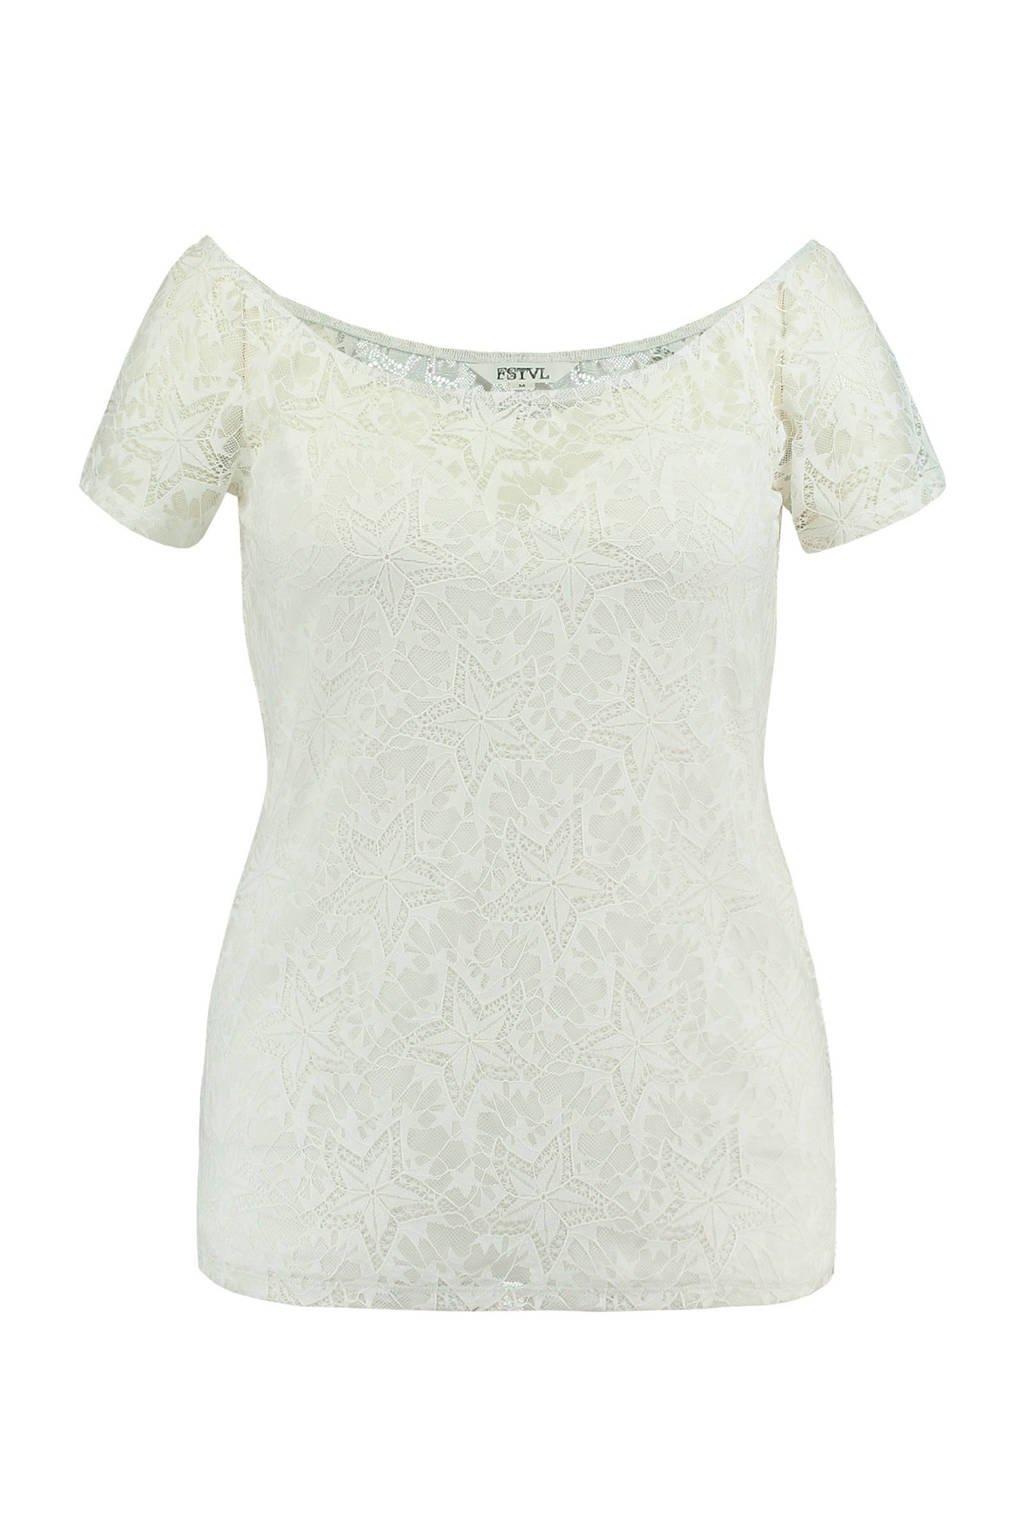 FSTVL by MS Mode kanten top met wijde hals, Gebroken wit